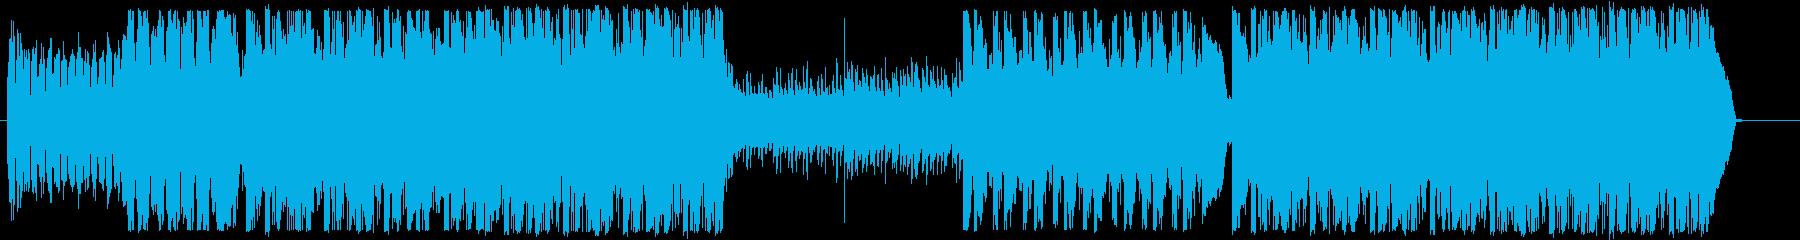 テックエレクトロニカ系ダンス曲CM向けの再生済みの波形